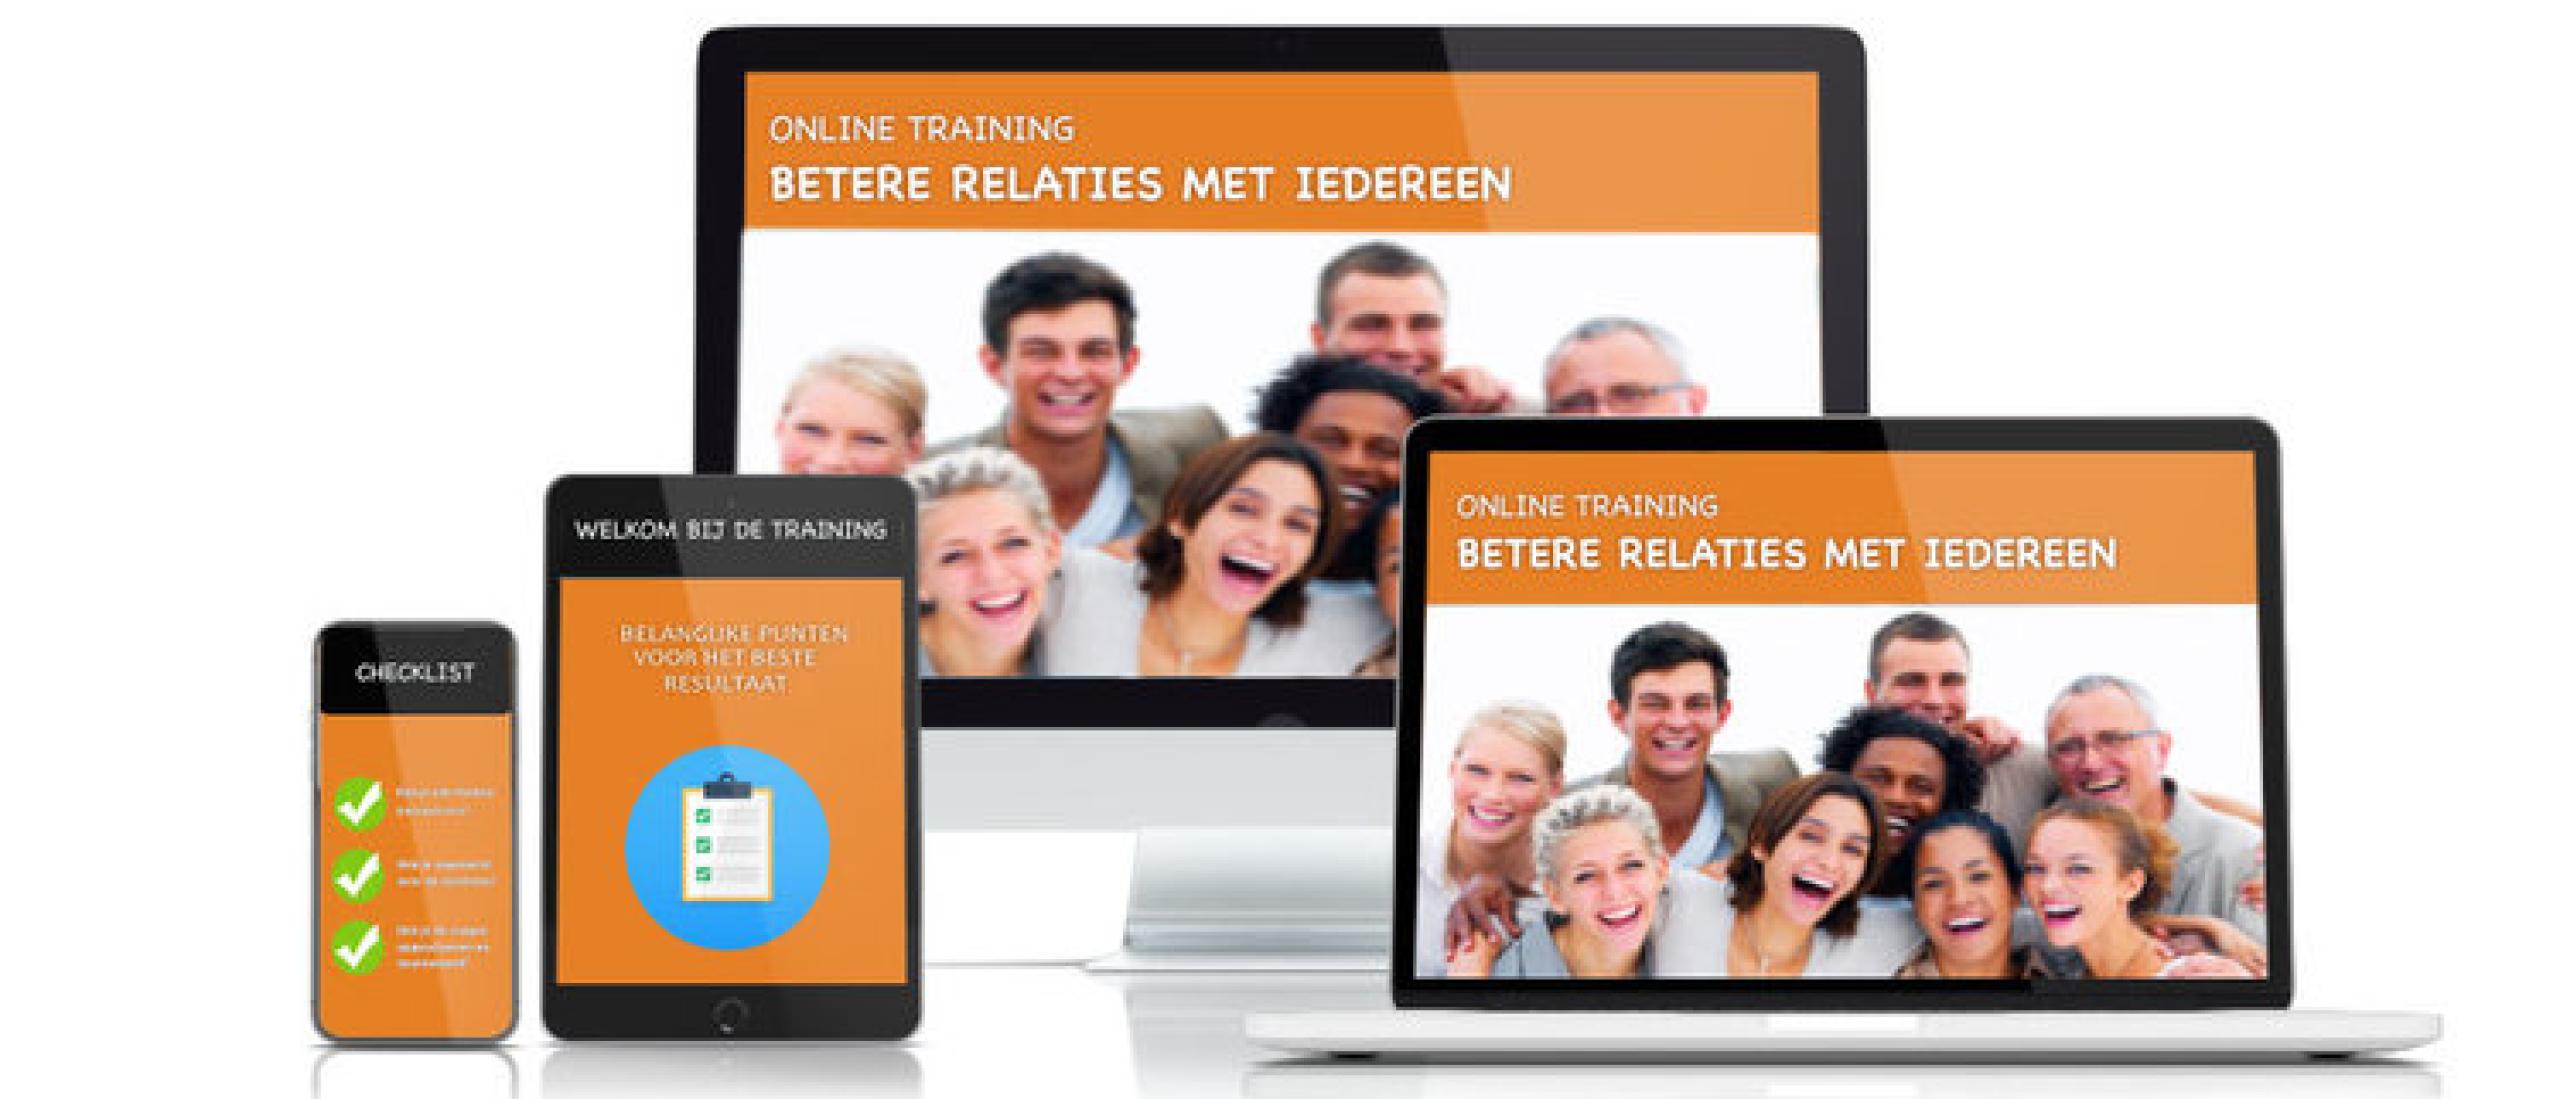 E-cursus Betere Relaties Met Iedereen – een uitgebreide review